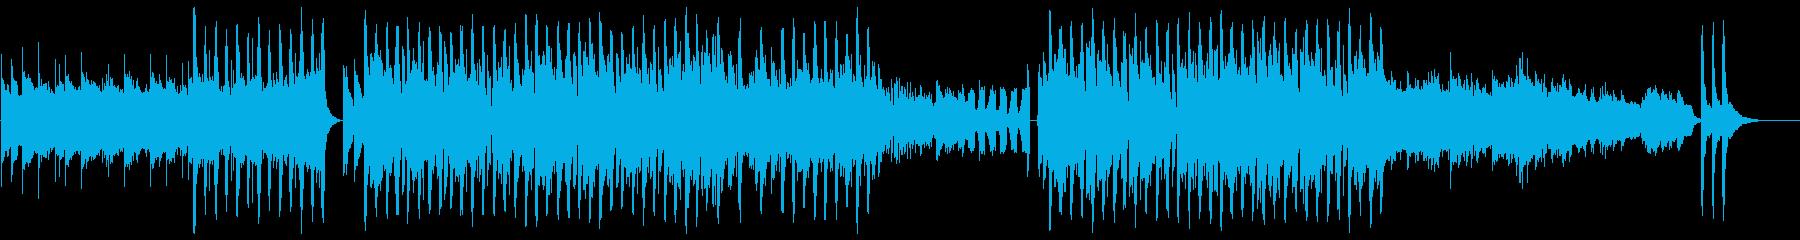 清涼感が際立つダンスBGMの再生済みの波形